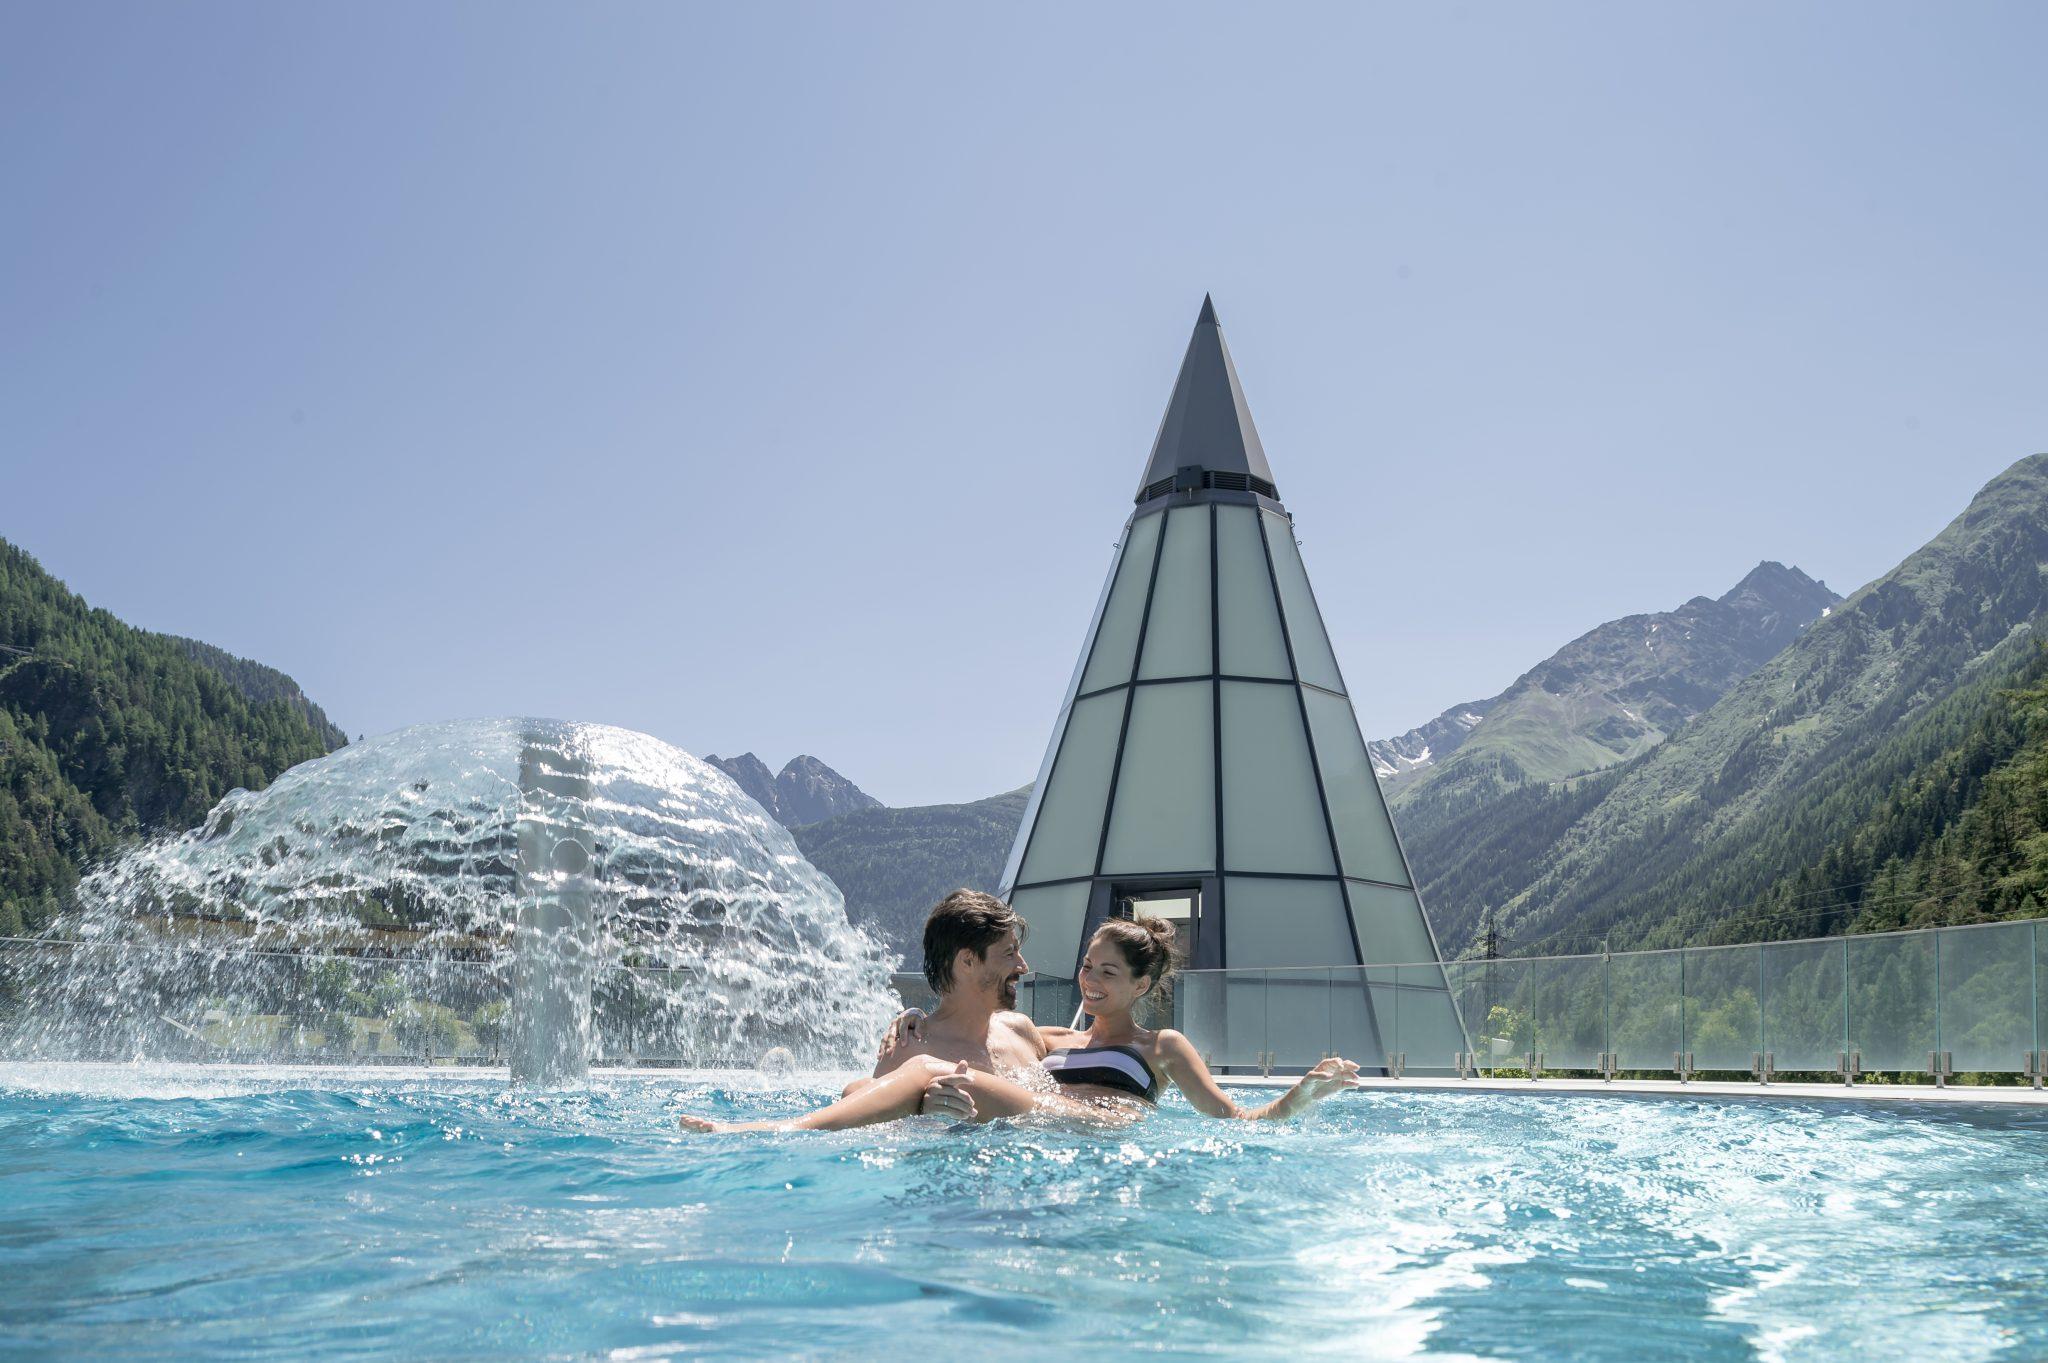 Die modernste Therme der Alpen im Herzen des Ötztals Öffnet am 26. Juni wieder.